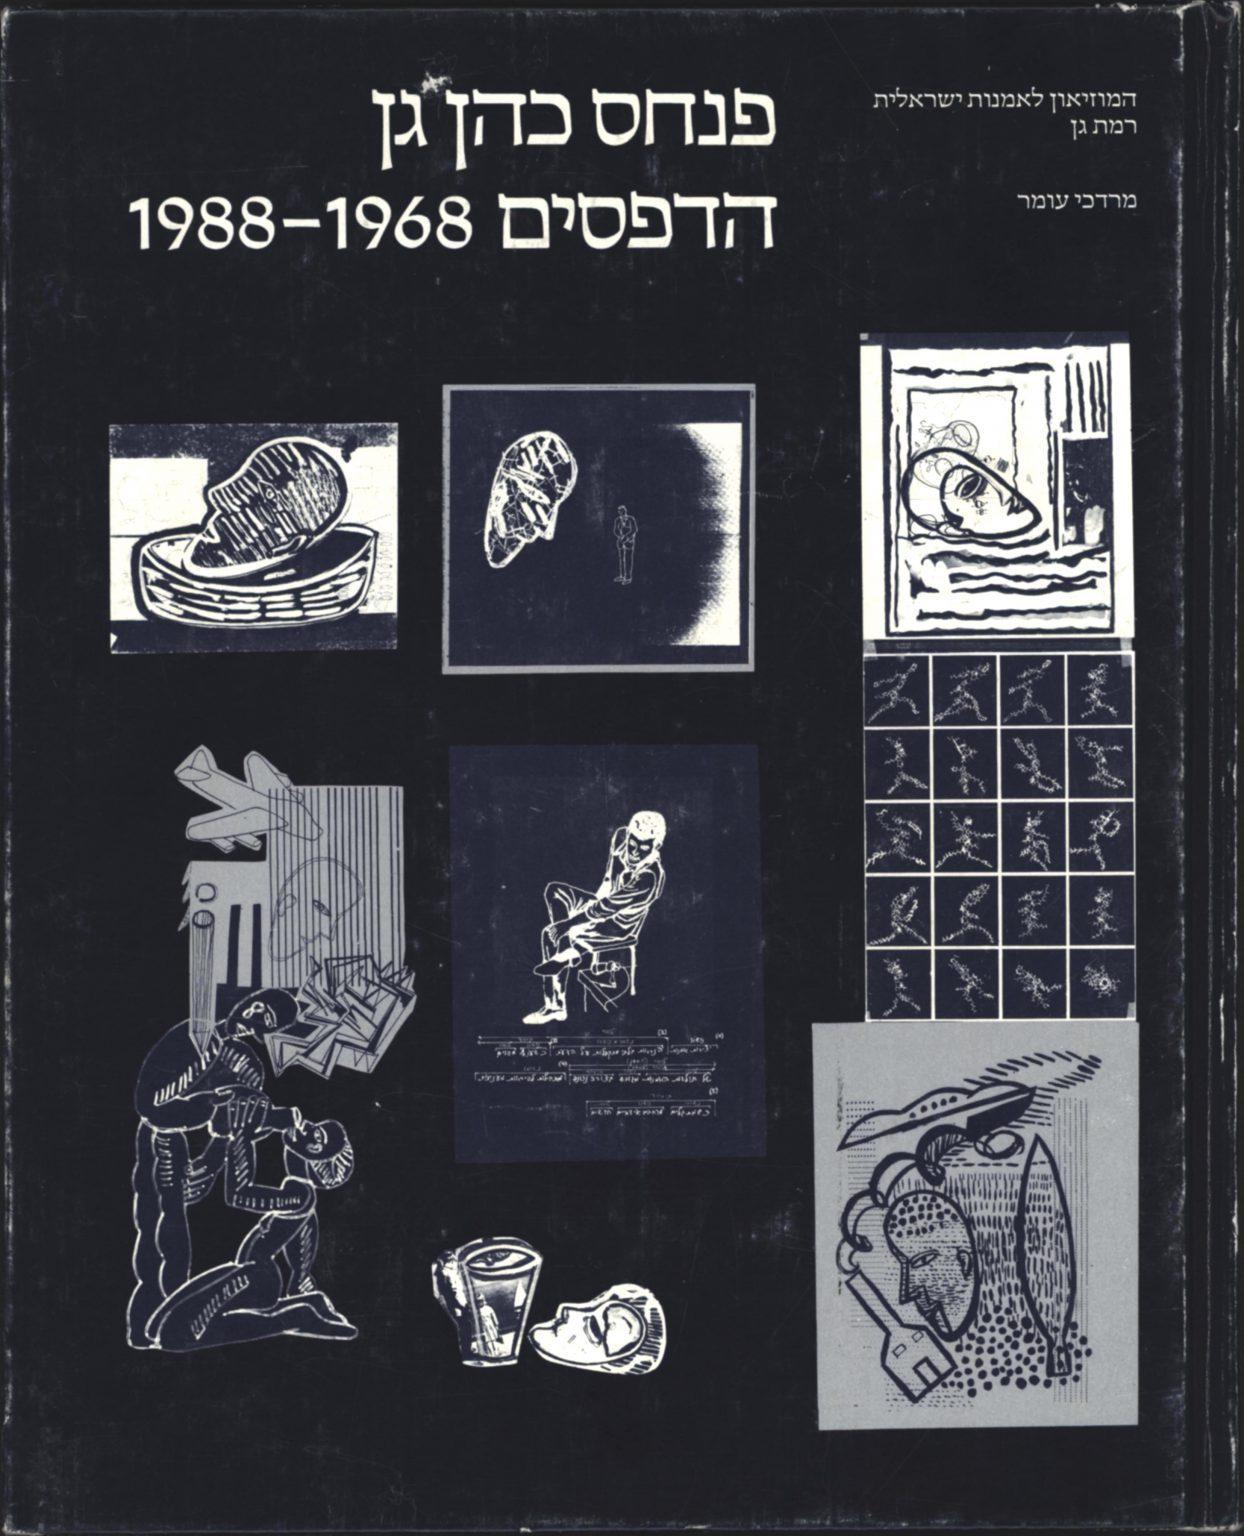 עומר, מרדכי, פנחס כהן גן: הדפסים 1988-1968, המוזיאון לאמנות ישראלית, רמת גן, 1988